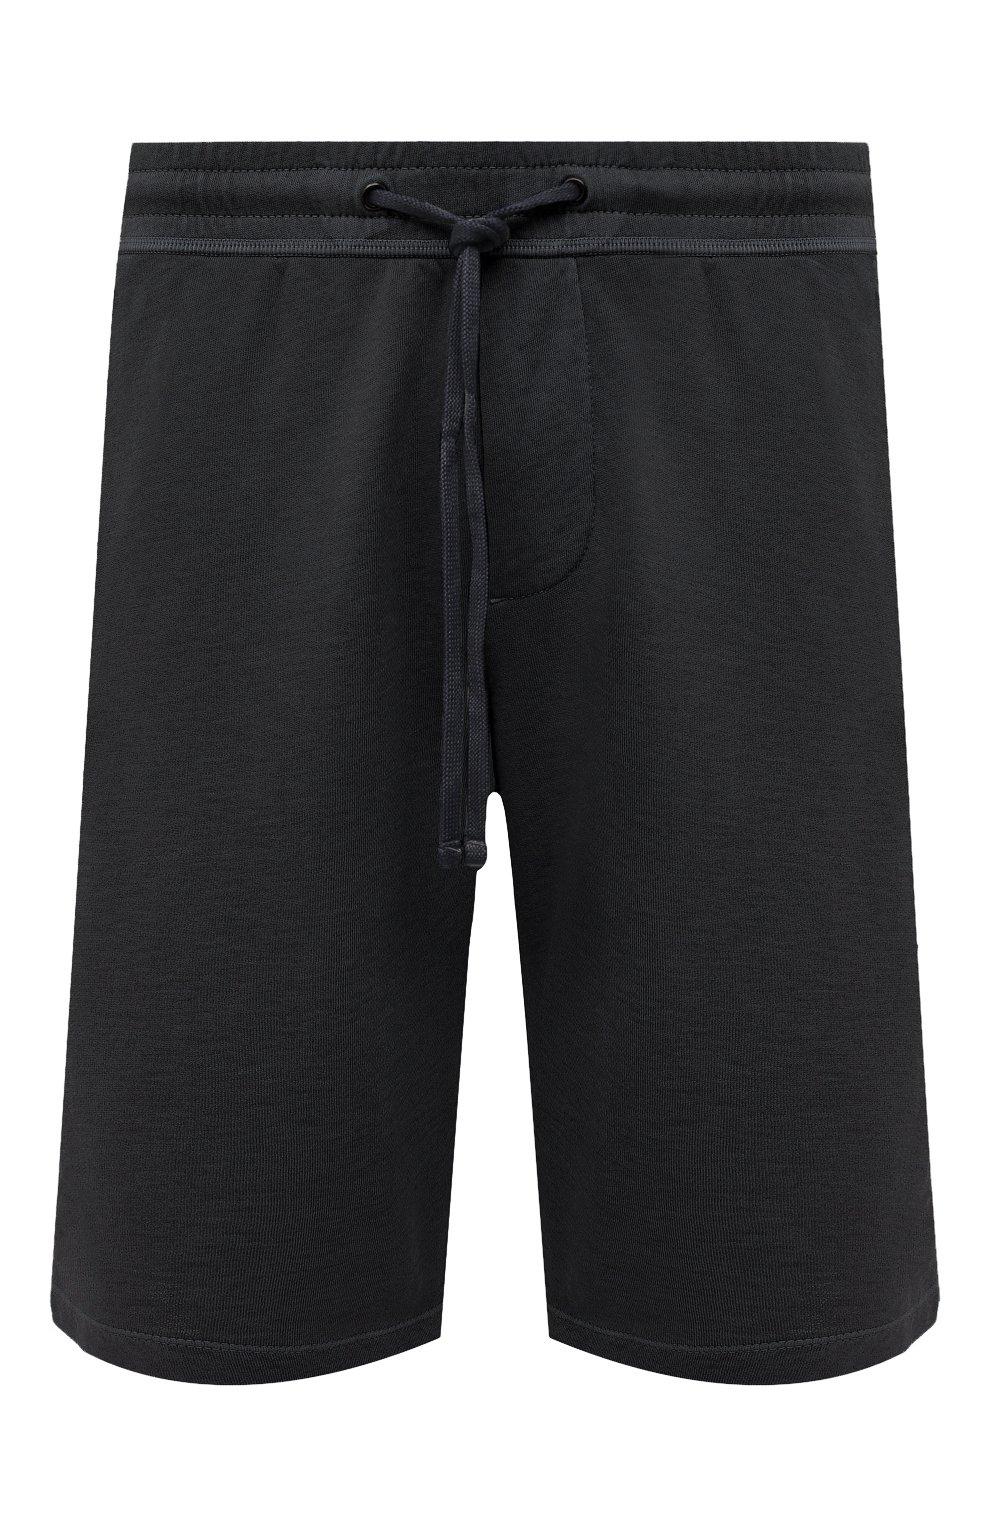 Мужские хлопковые шорты JAMES PERSE темно-серого цвета, арт. MXA4118 | Фото 1 (Принт: Без принта; Длина Шорты М: Ниже колена; Кросс-КТ: Трикотаж; Материал внешний: Хлопок; Стили: Спорт-шик)